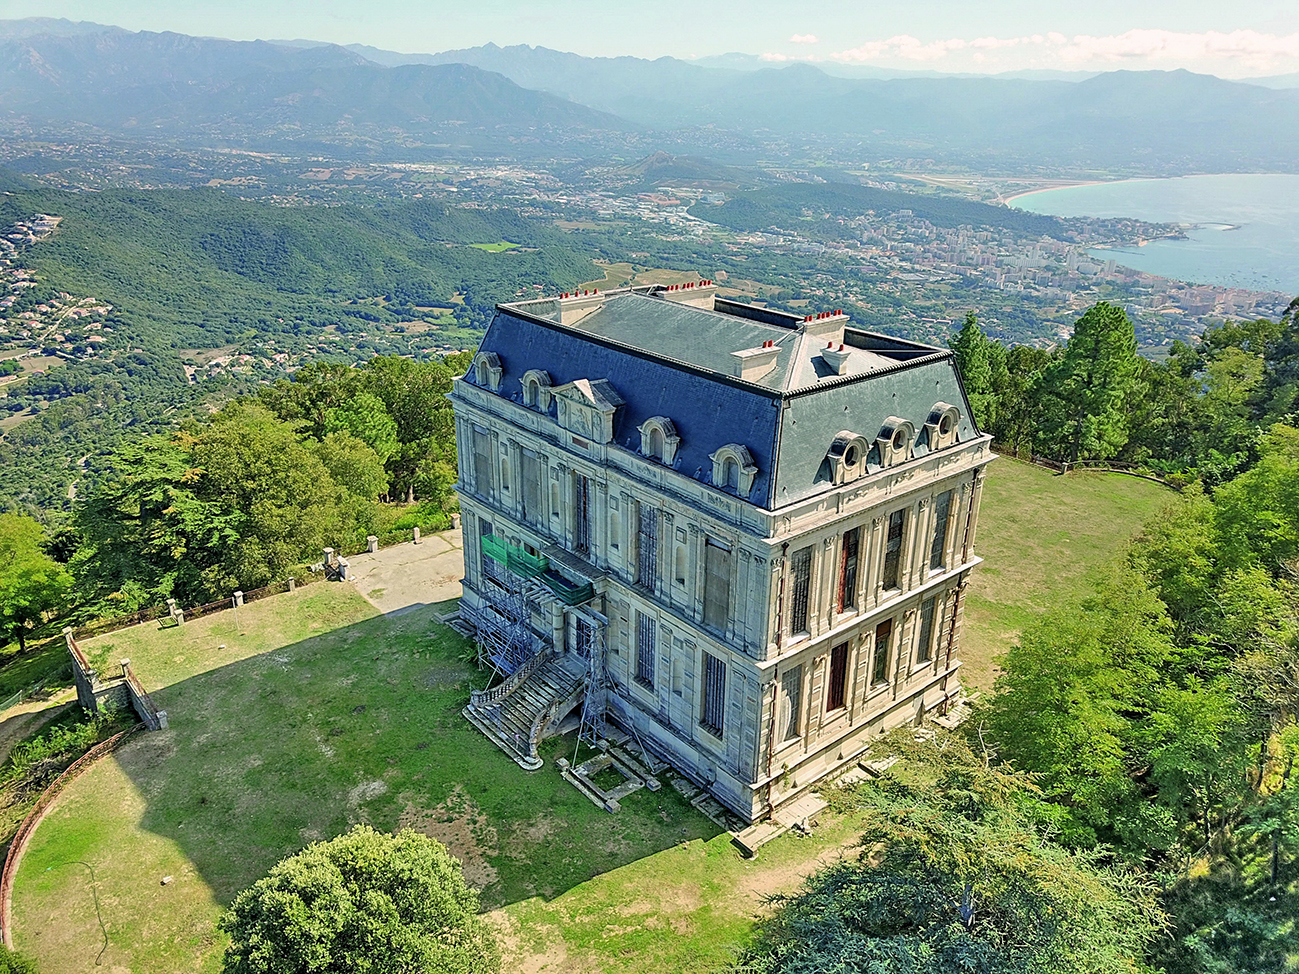 Photo du château de la Punta